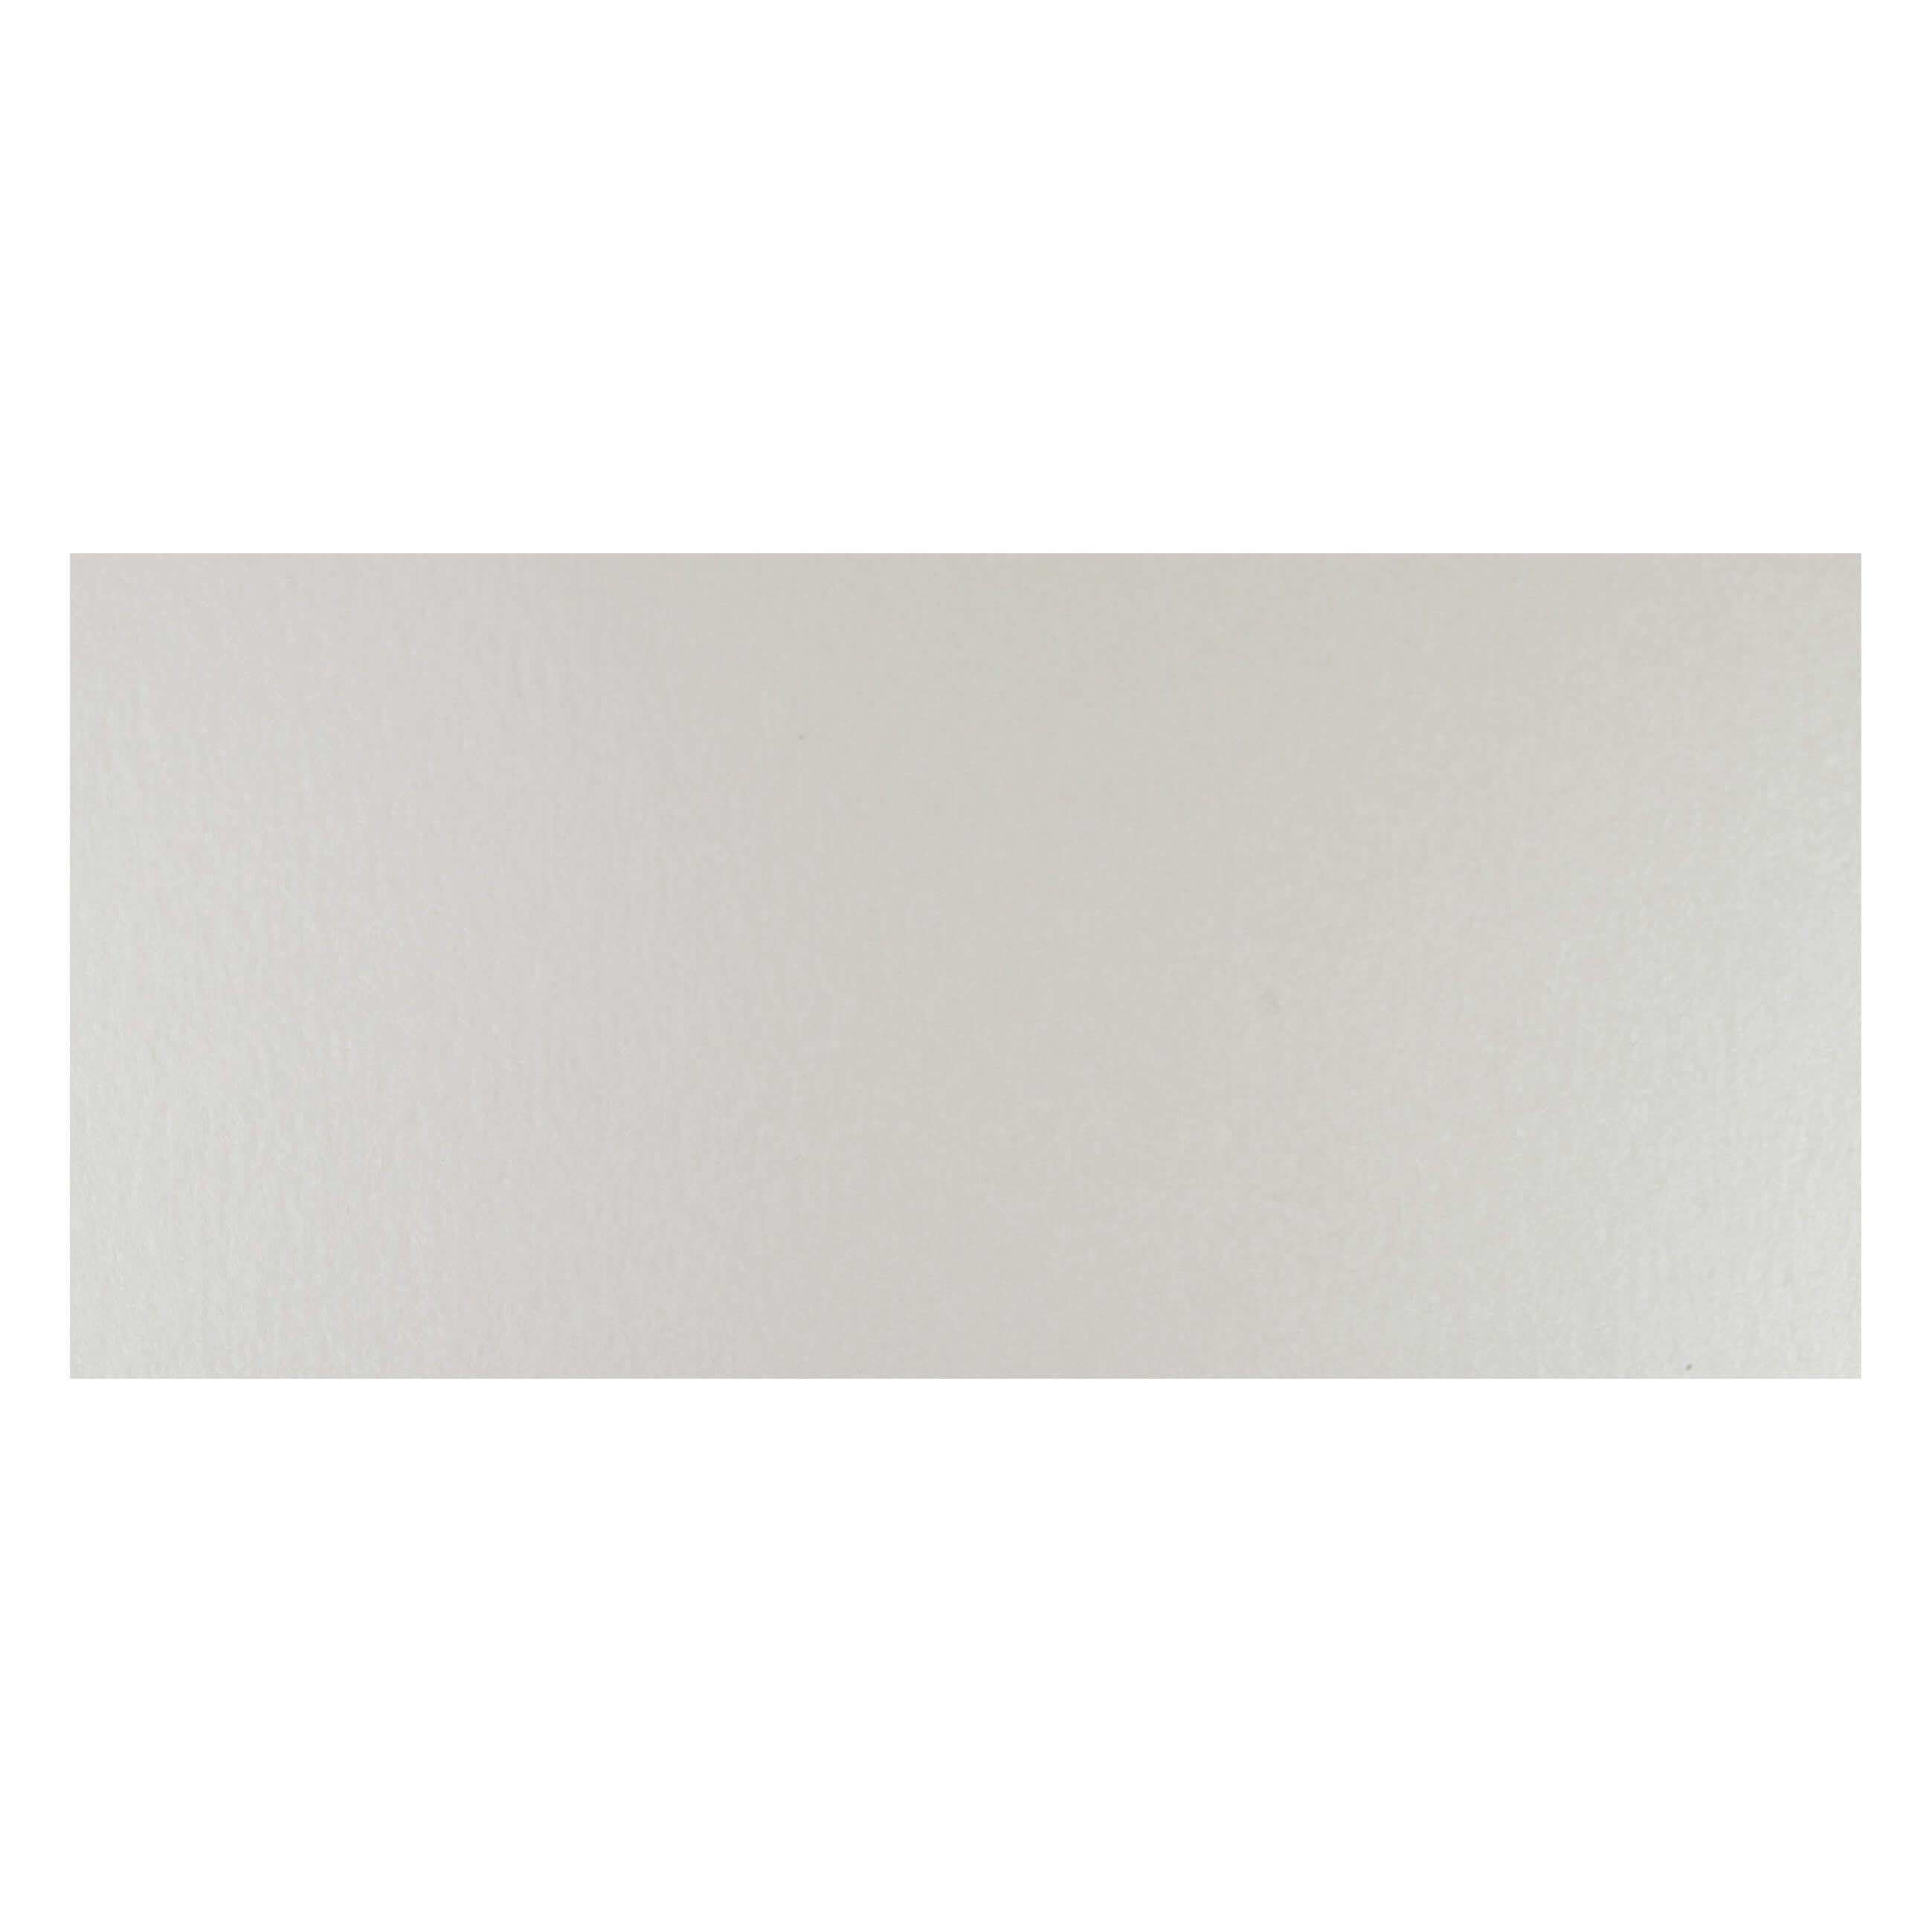 Cardstock DL Top - Soft Sheen Ivory